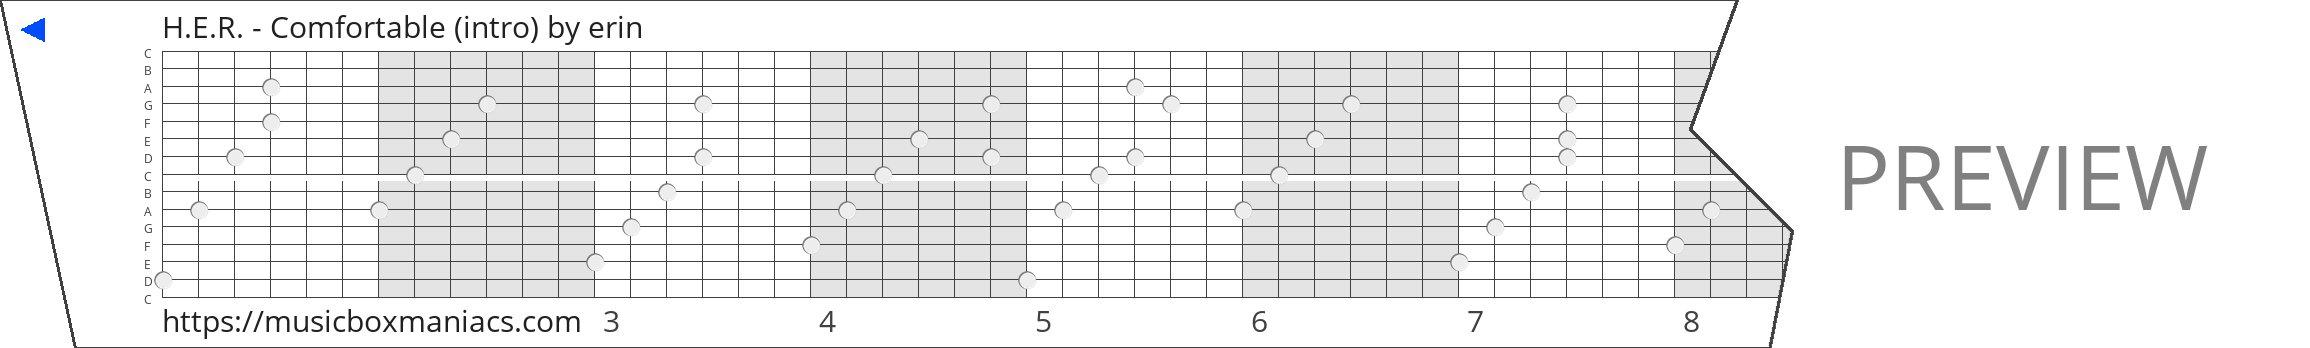 H.E.R. - Comfortable (intro) 15 note music box paper strip